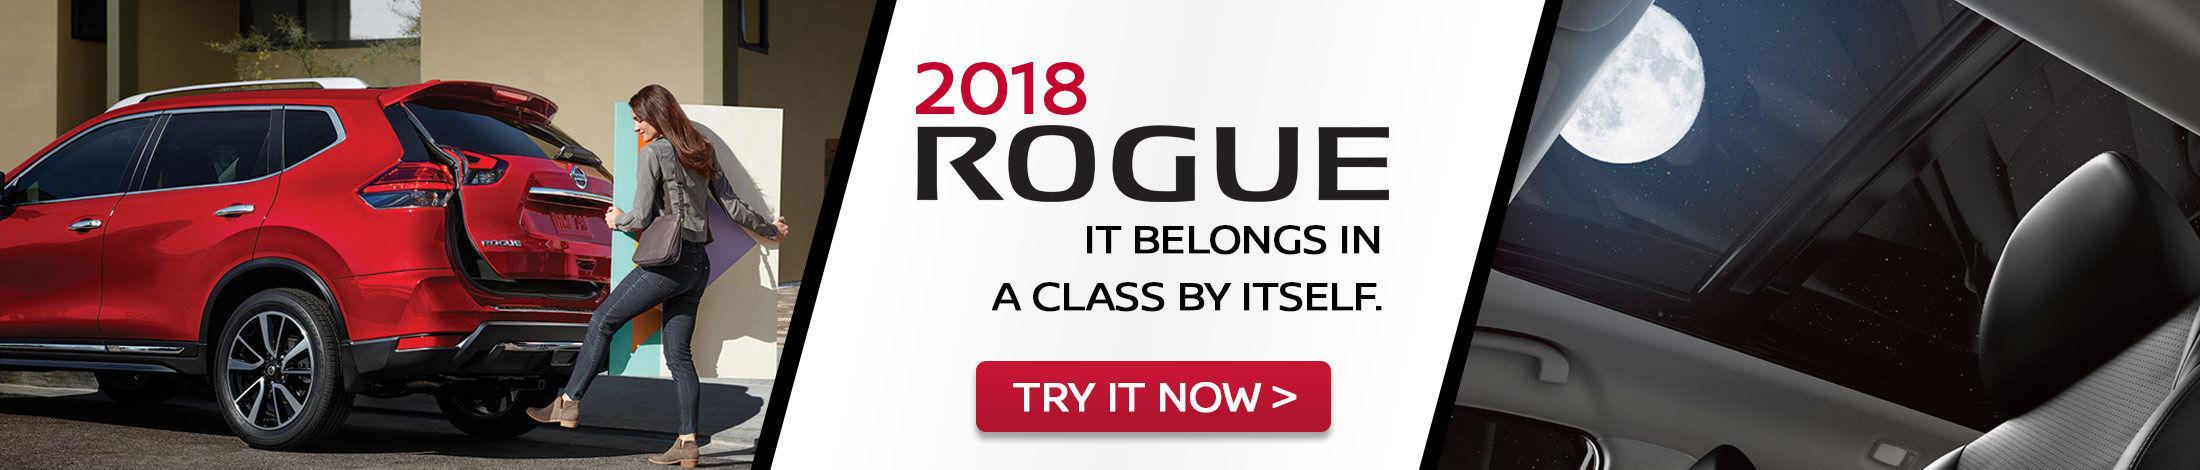 rogue 2018